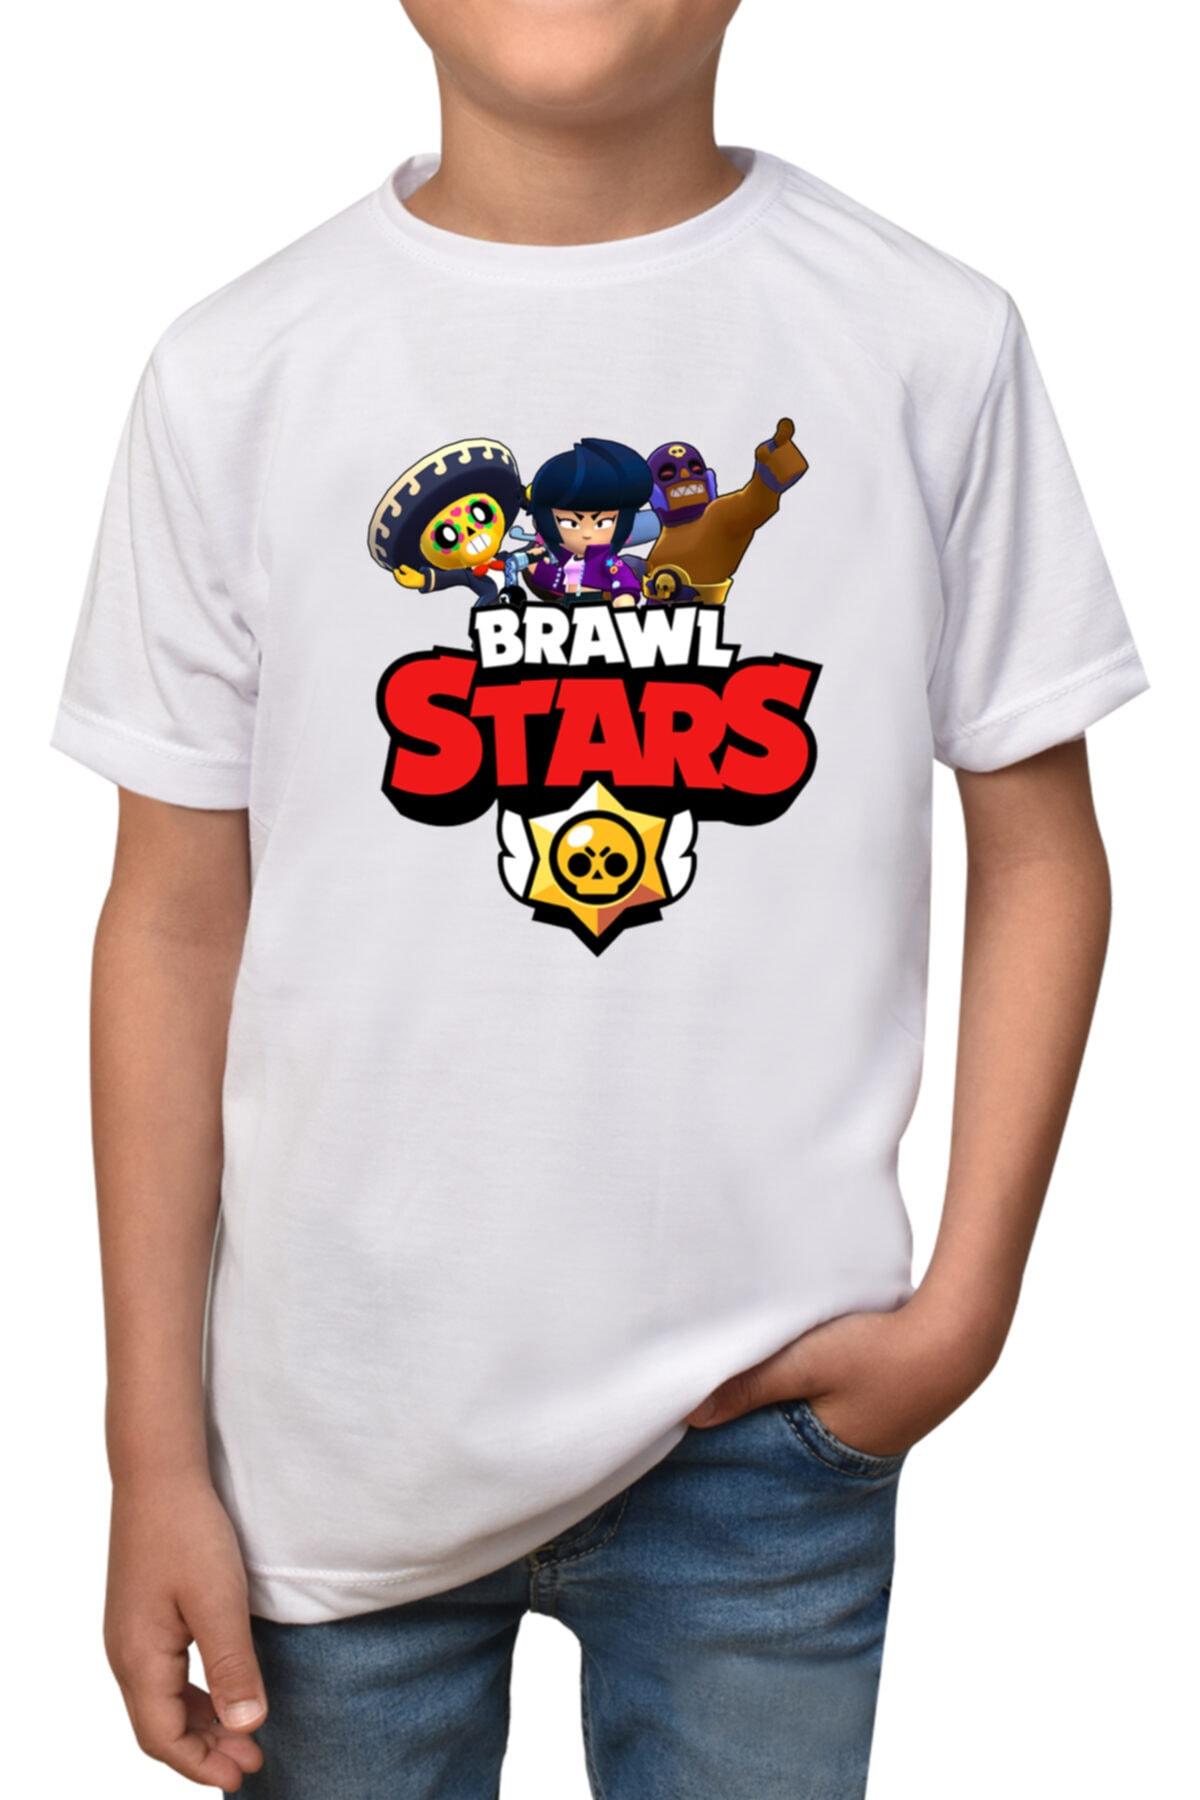 Brawl Stars - Beyaz Çocuk - T-shirt T-9